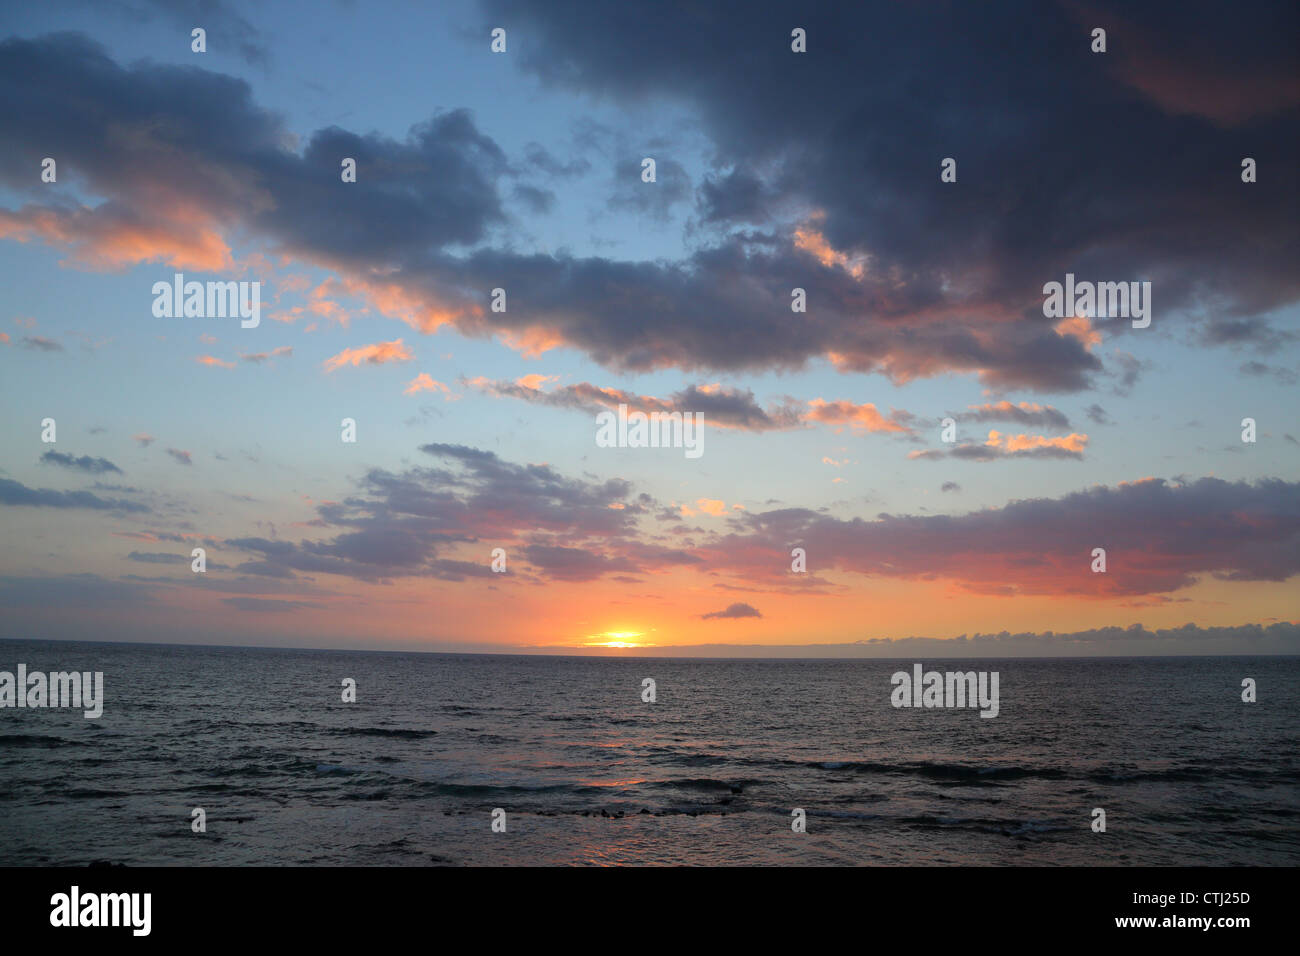 Coucher de soleil sur l'océan Pacifique, Big Island, Hawaii Photo Stock